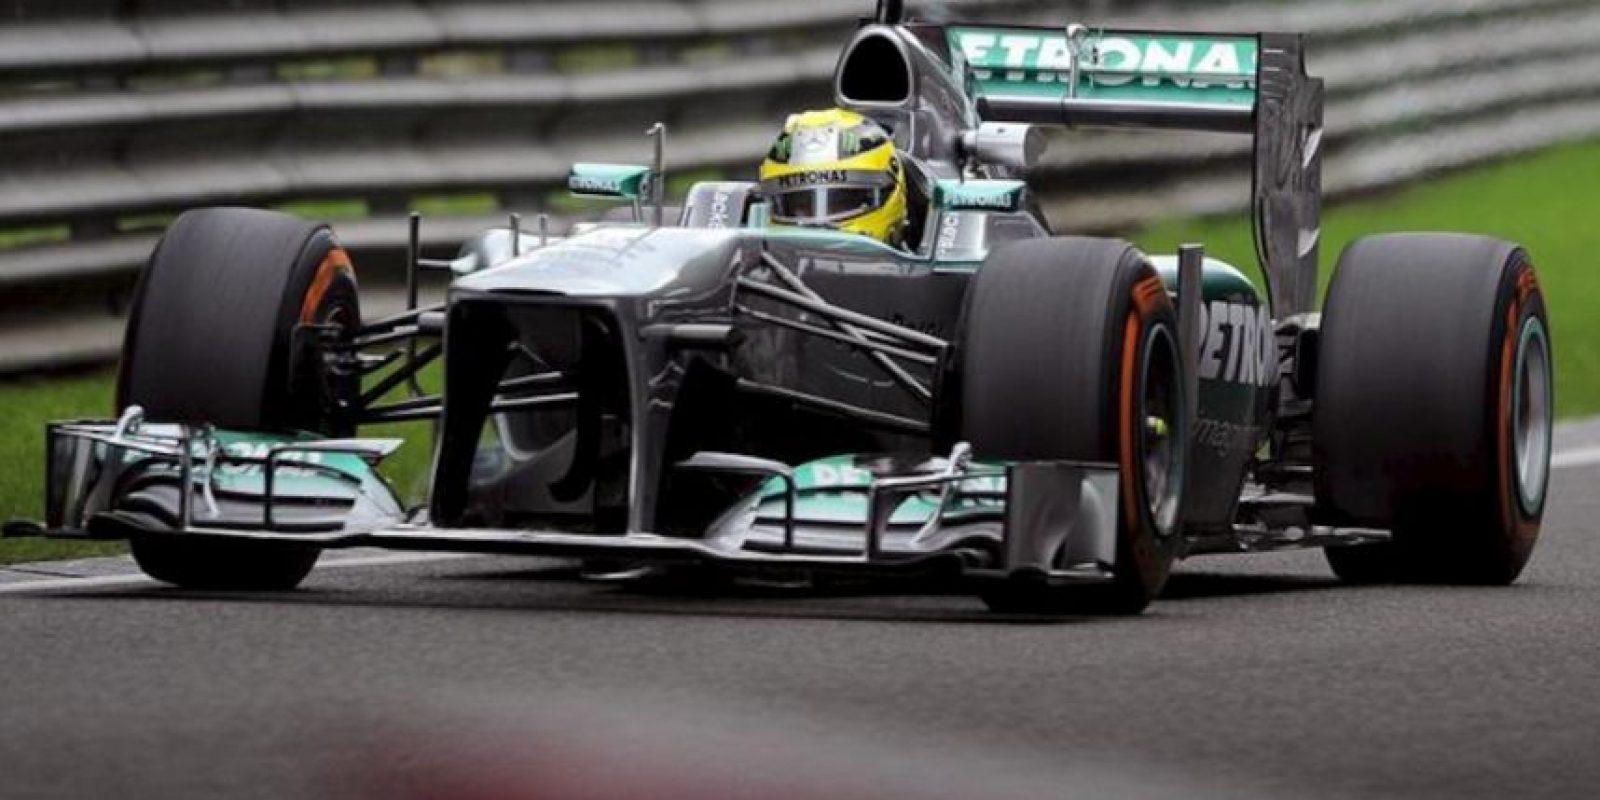 El piloto alemán de Fórmula Uno Nico Rosberg, de la escudería Mercedes AMG, conduce su monoplaza durante la primera sesión de entrenamiento en el circuito de Spa-Francorchamps en Bélgica. EFE